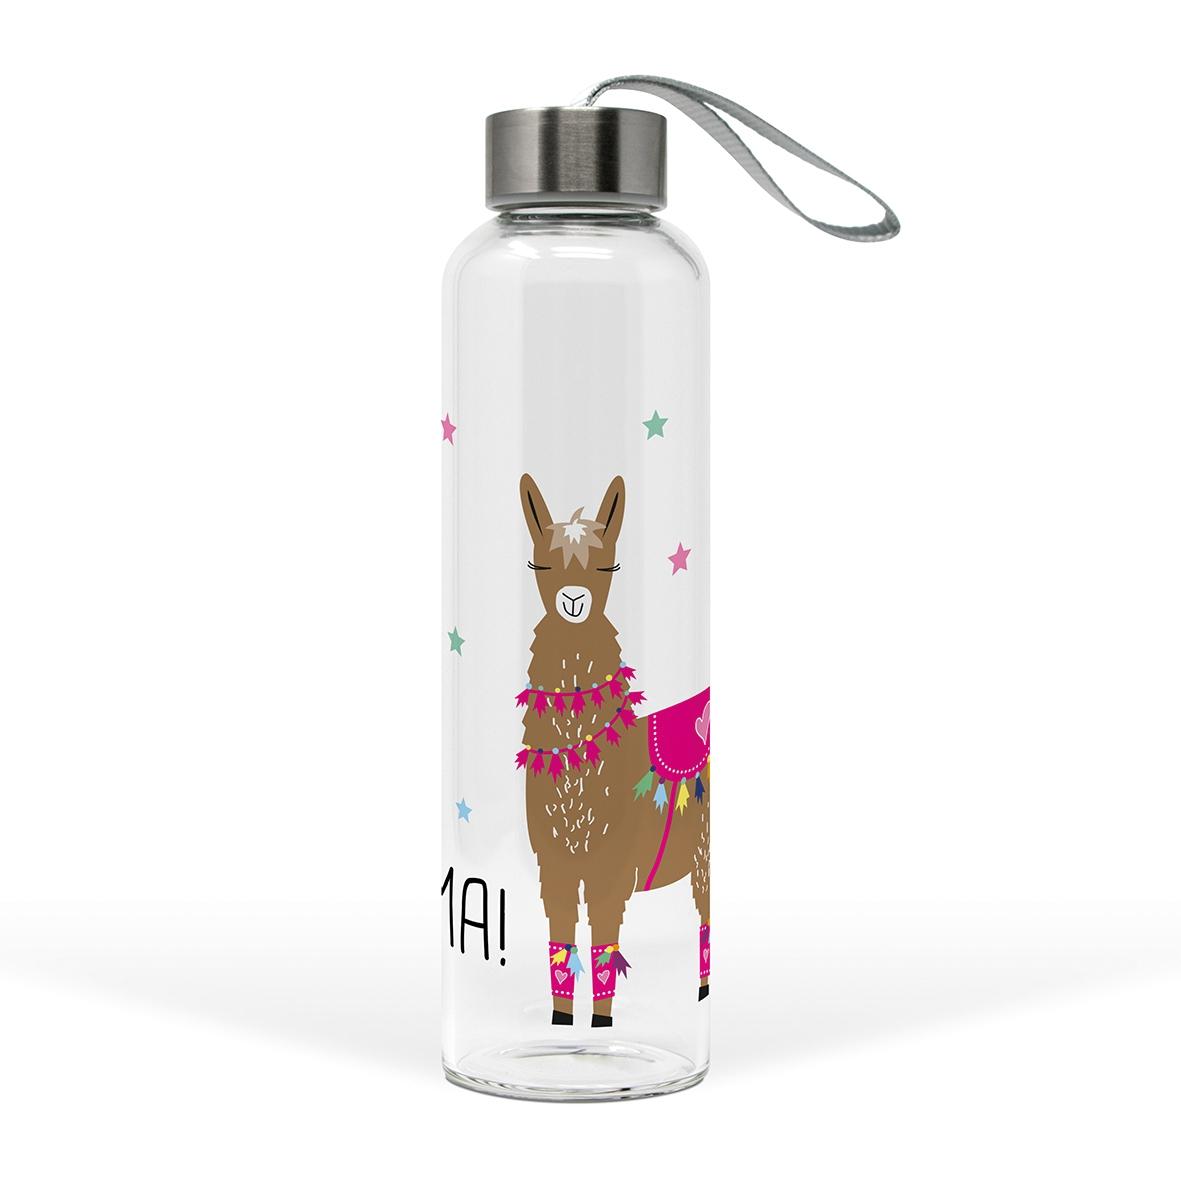 Glasflasche - Drama Llama